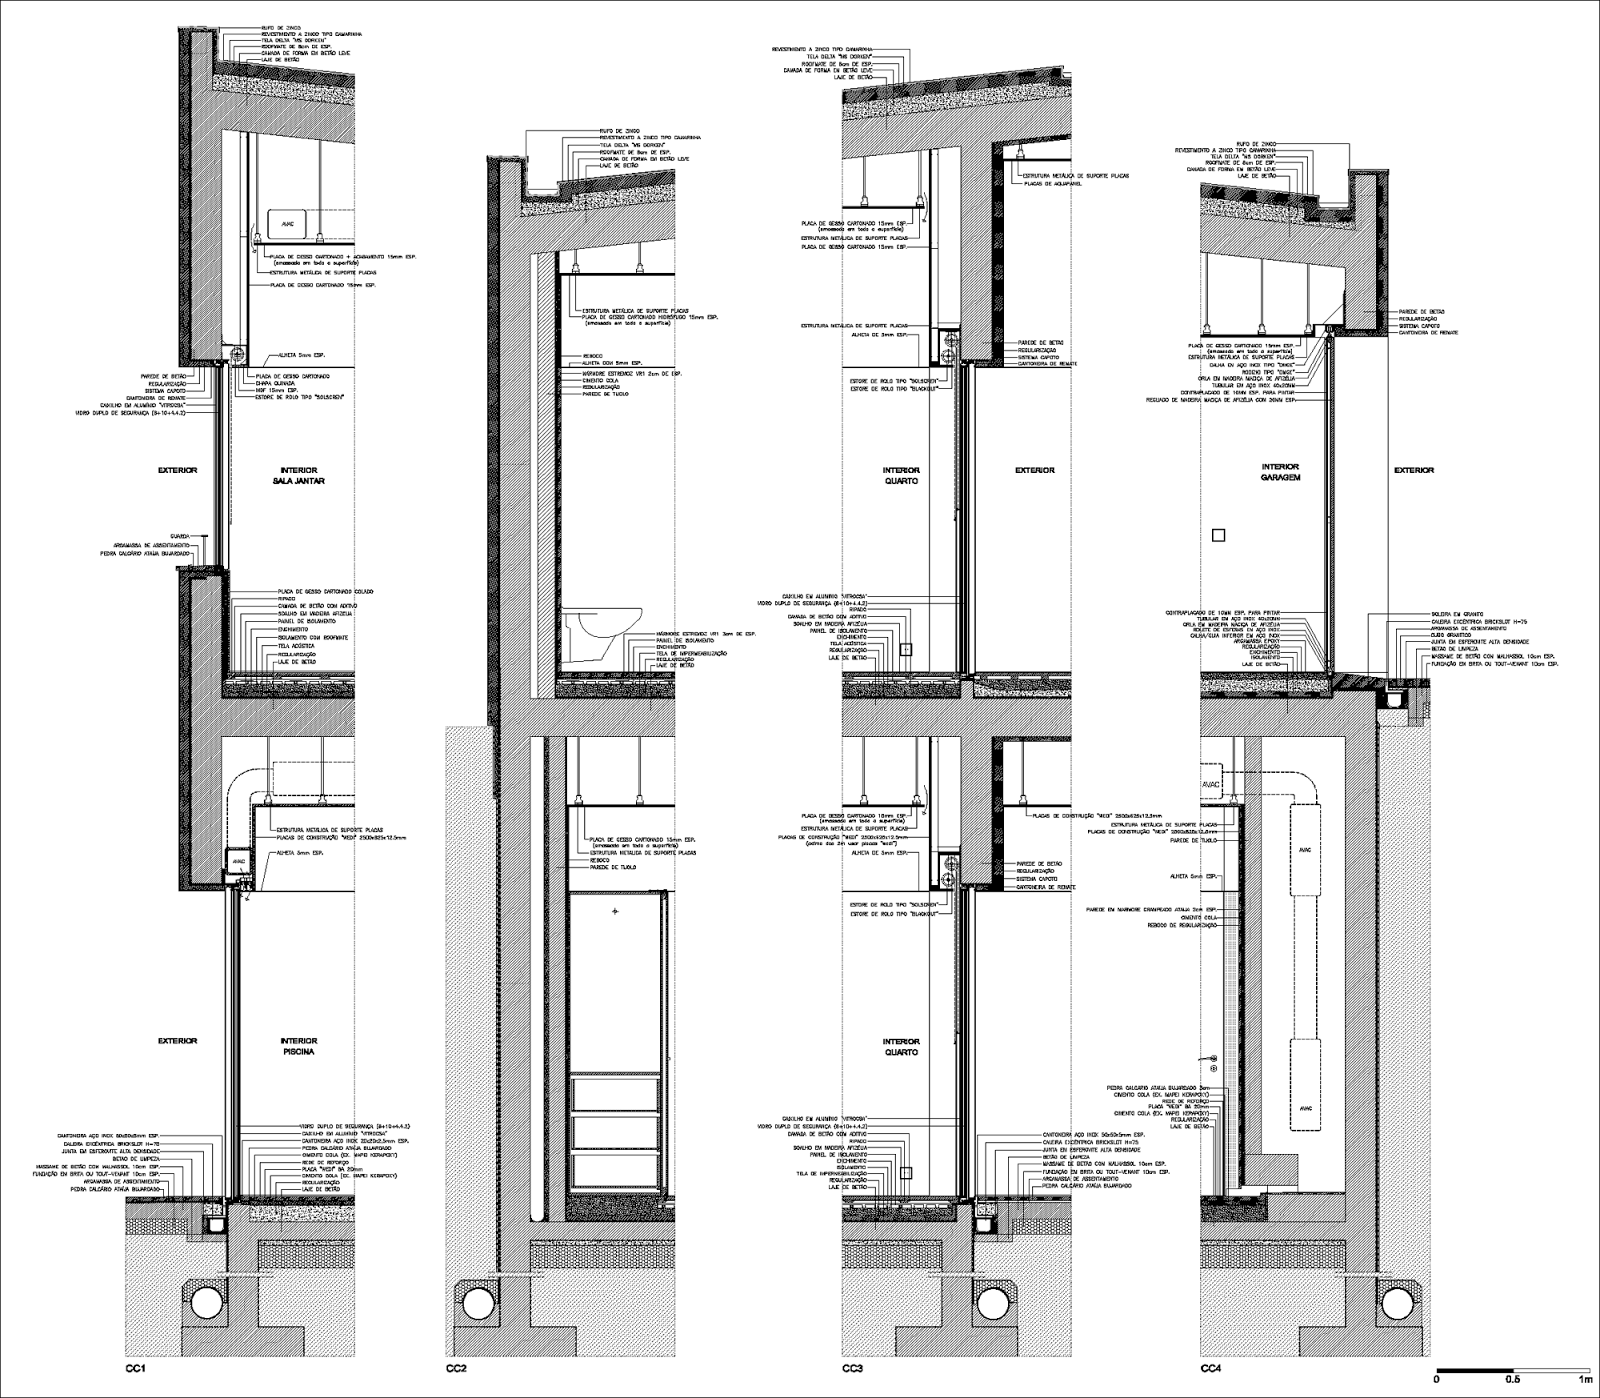 Detalle de arranque de pilar metalico sobre muro de hormigon armado  #333333 1600x1398 Banheiro Coletivo Acessivel